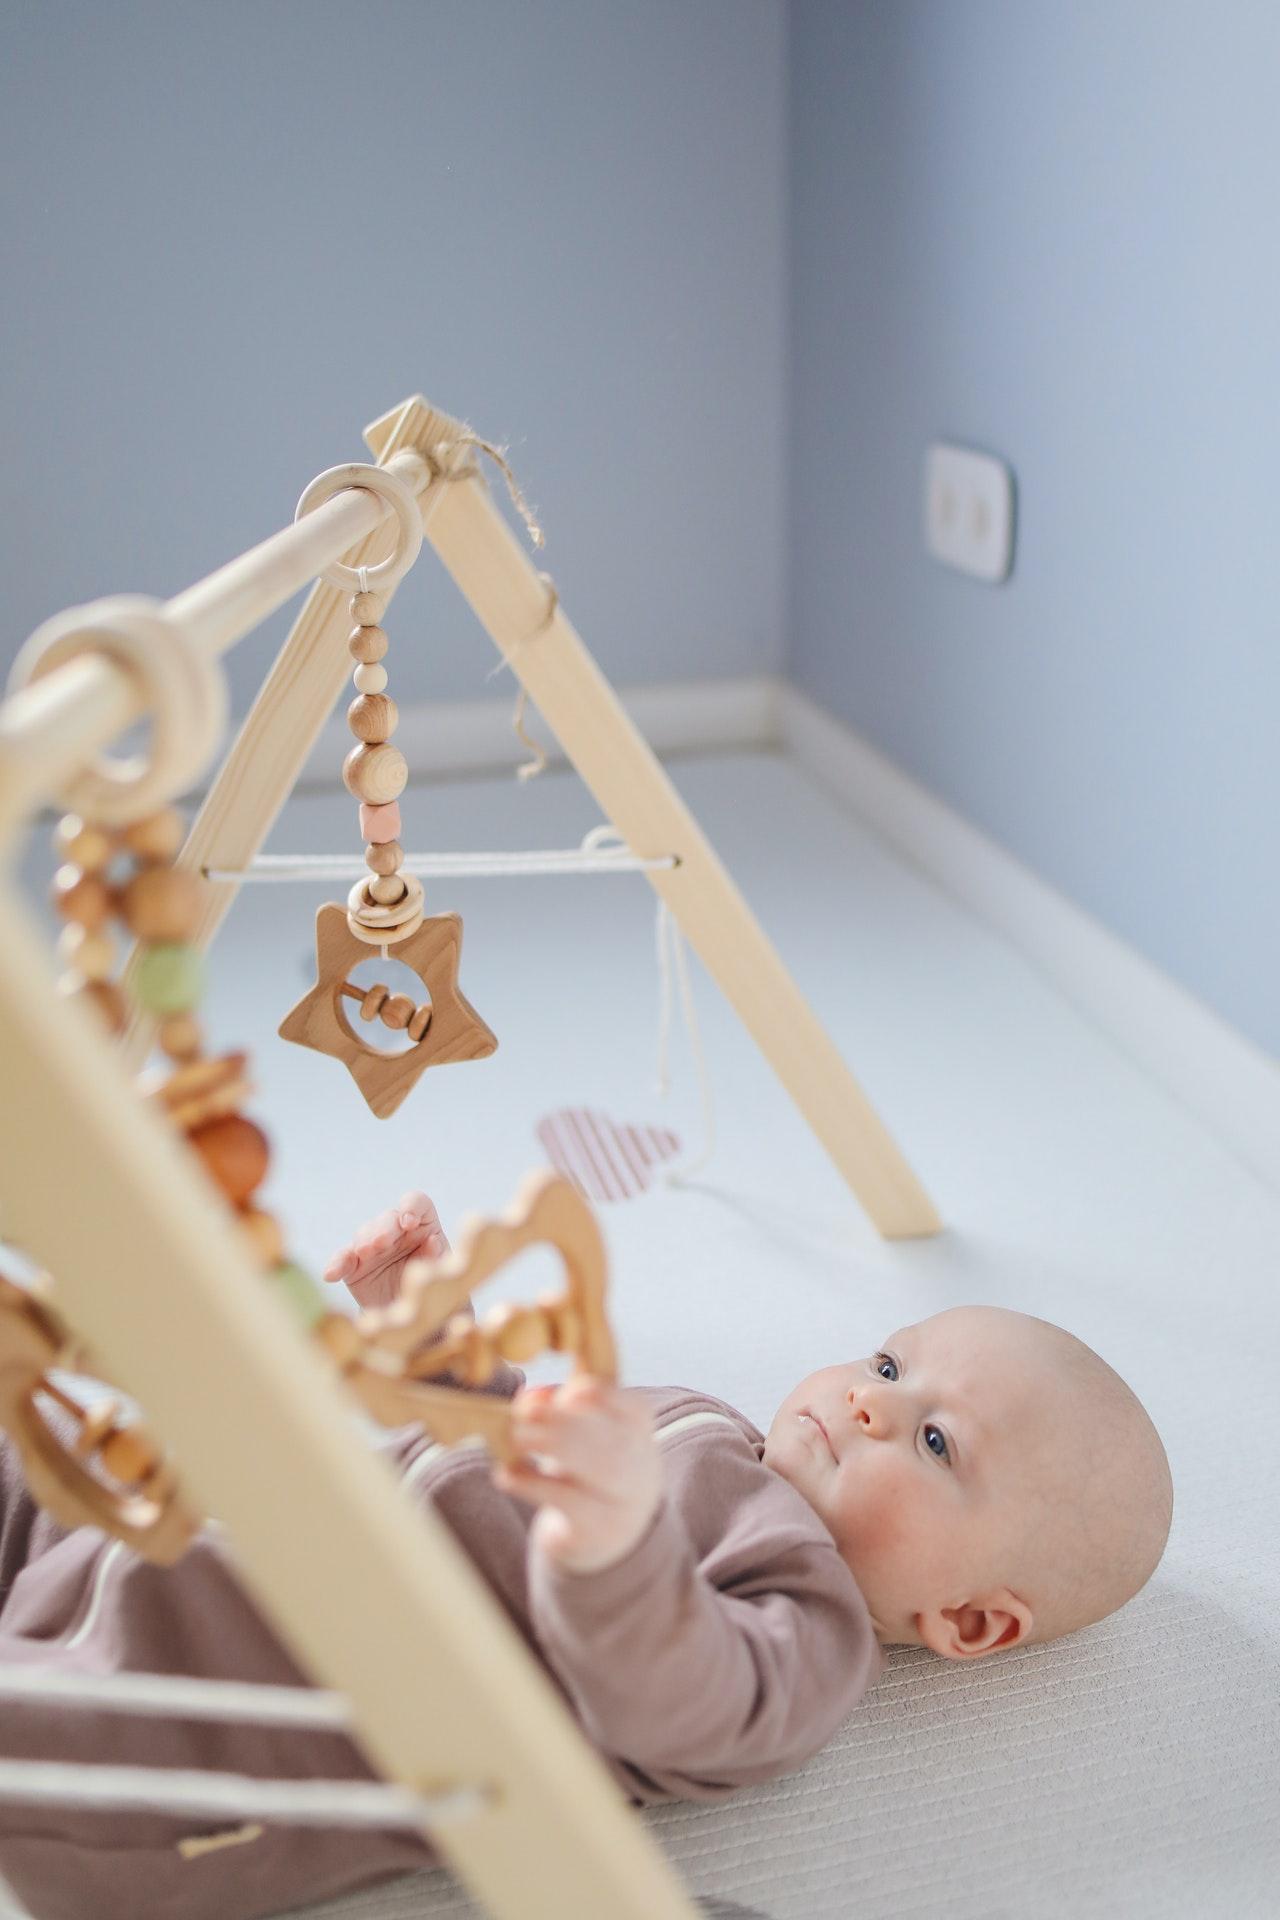 Fertig mit dem Ausflug? Dann kannst Du die Kinderwagenkette aus Holz einfach mit in die Wohnung nehmen.